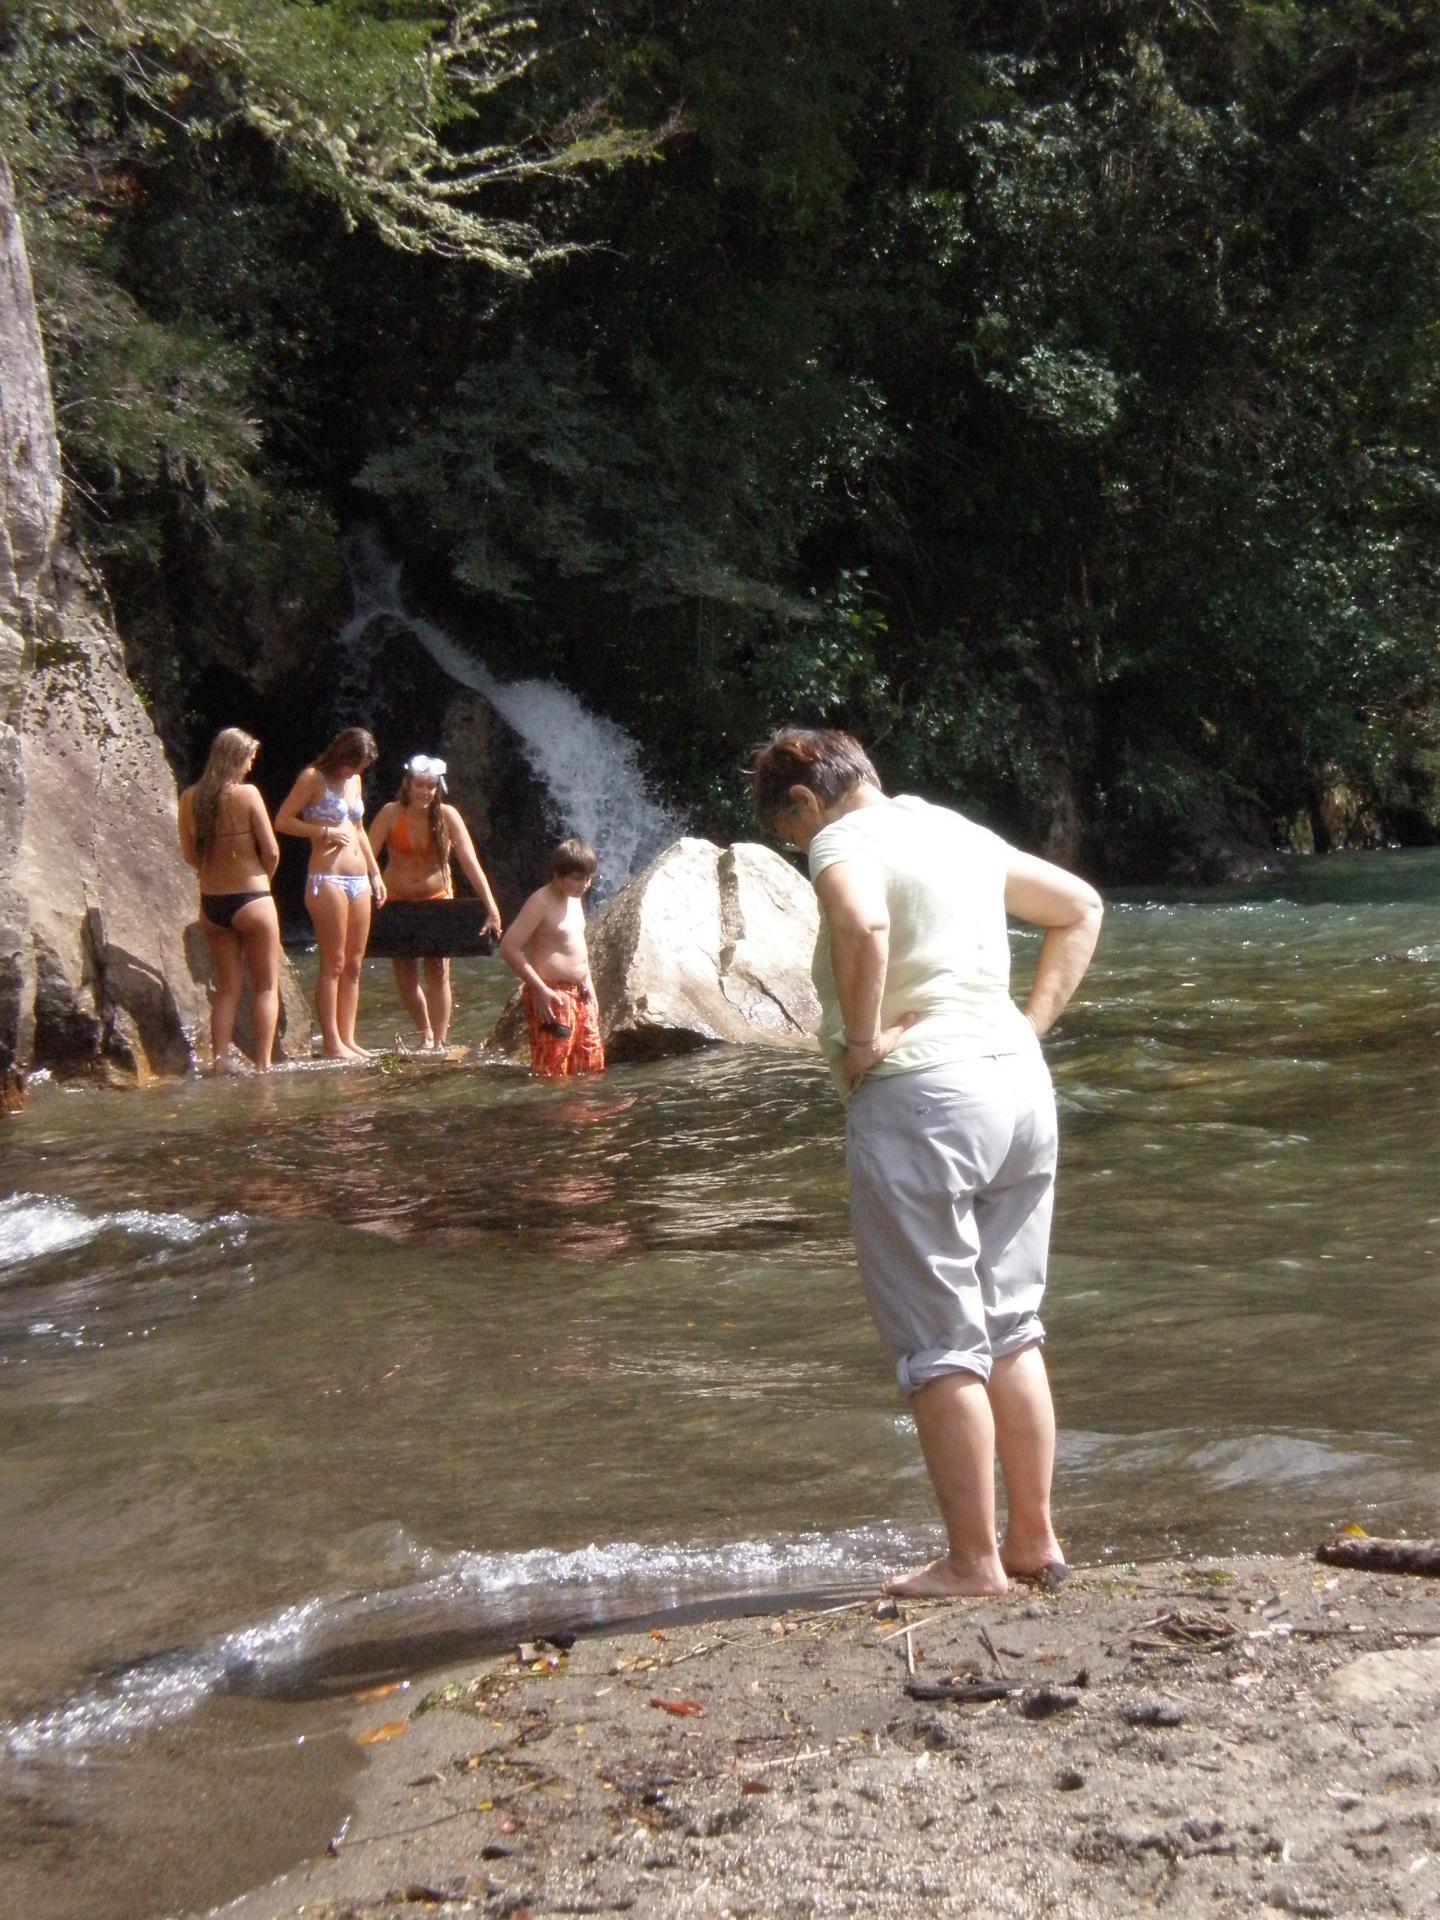 La d pendance tabagique - Peut on se baigner pendant la filtration de la piscine ...